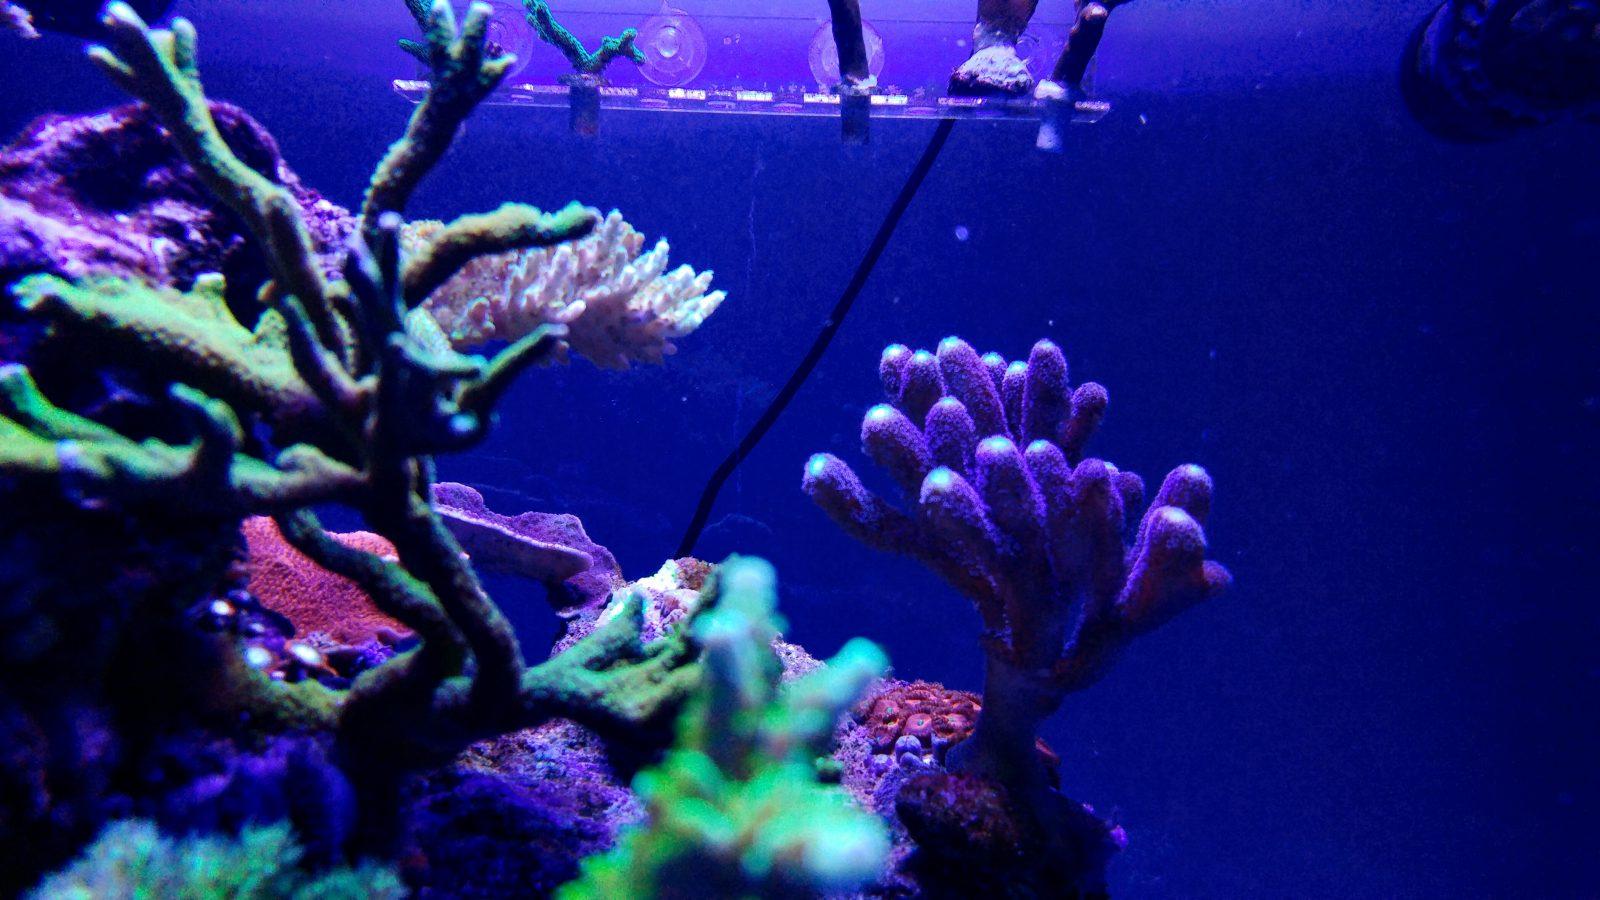 όμορφο κοράλλι ποπ από φωτισμό LED ορφανού